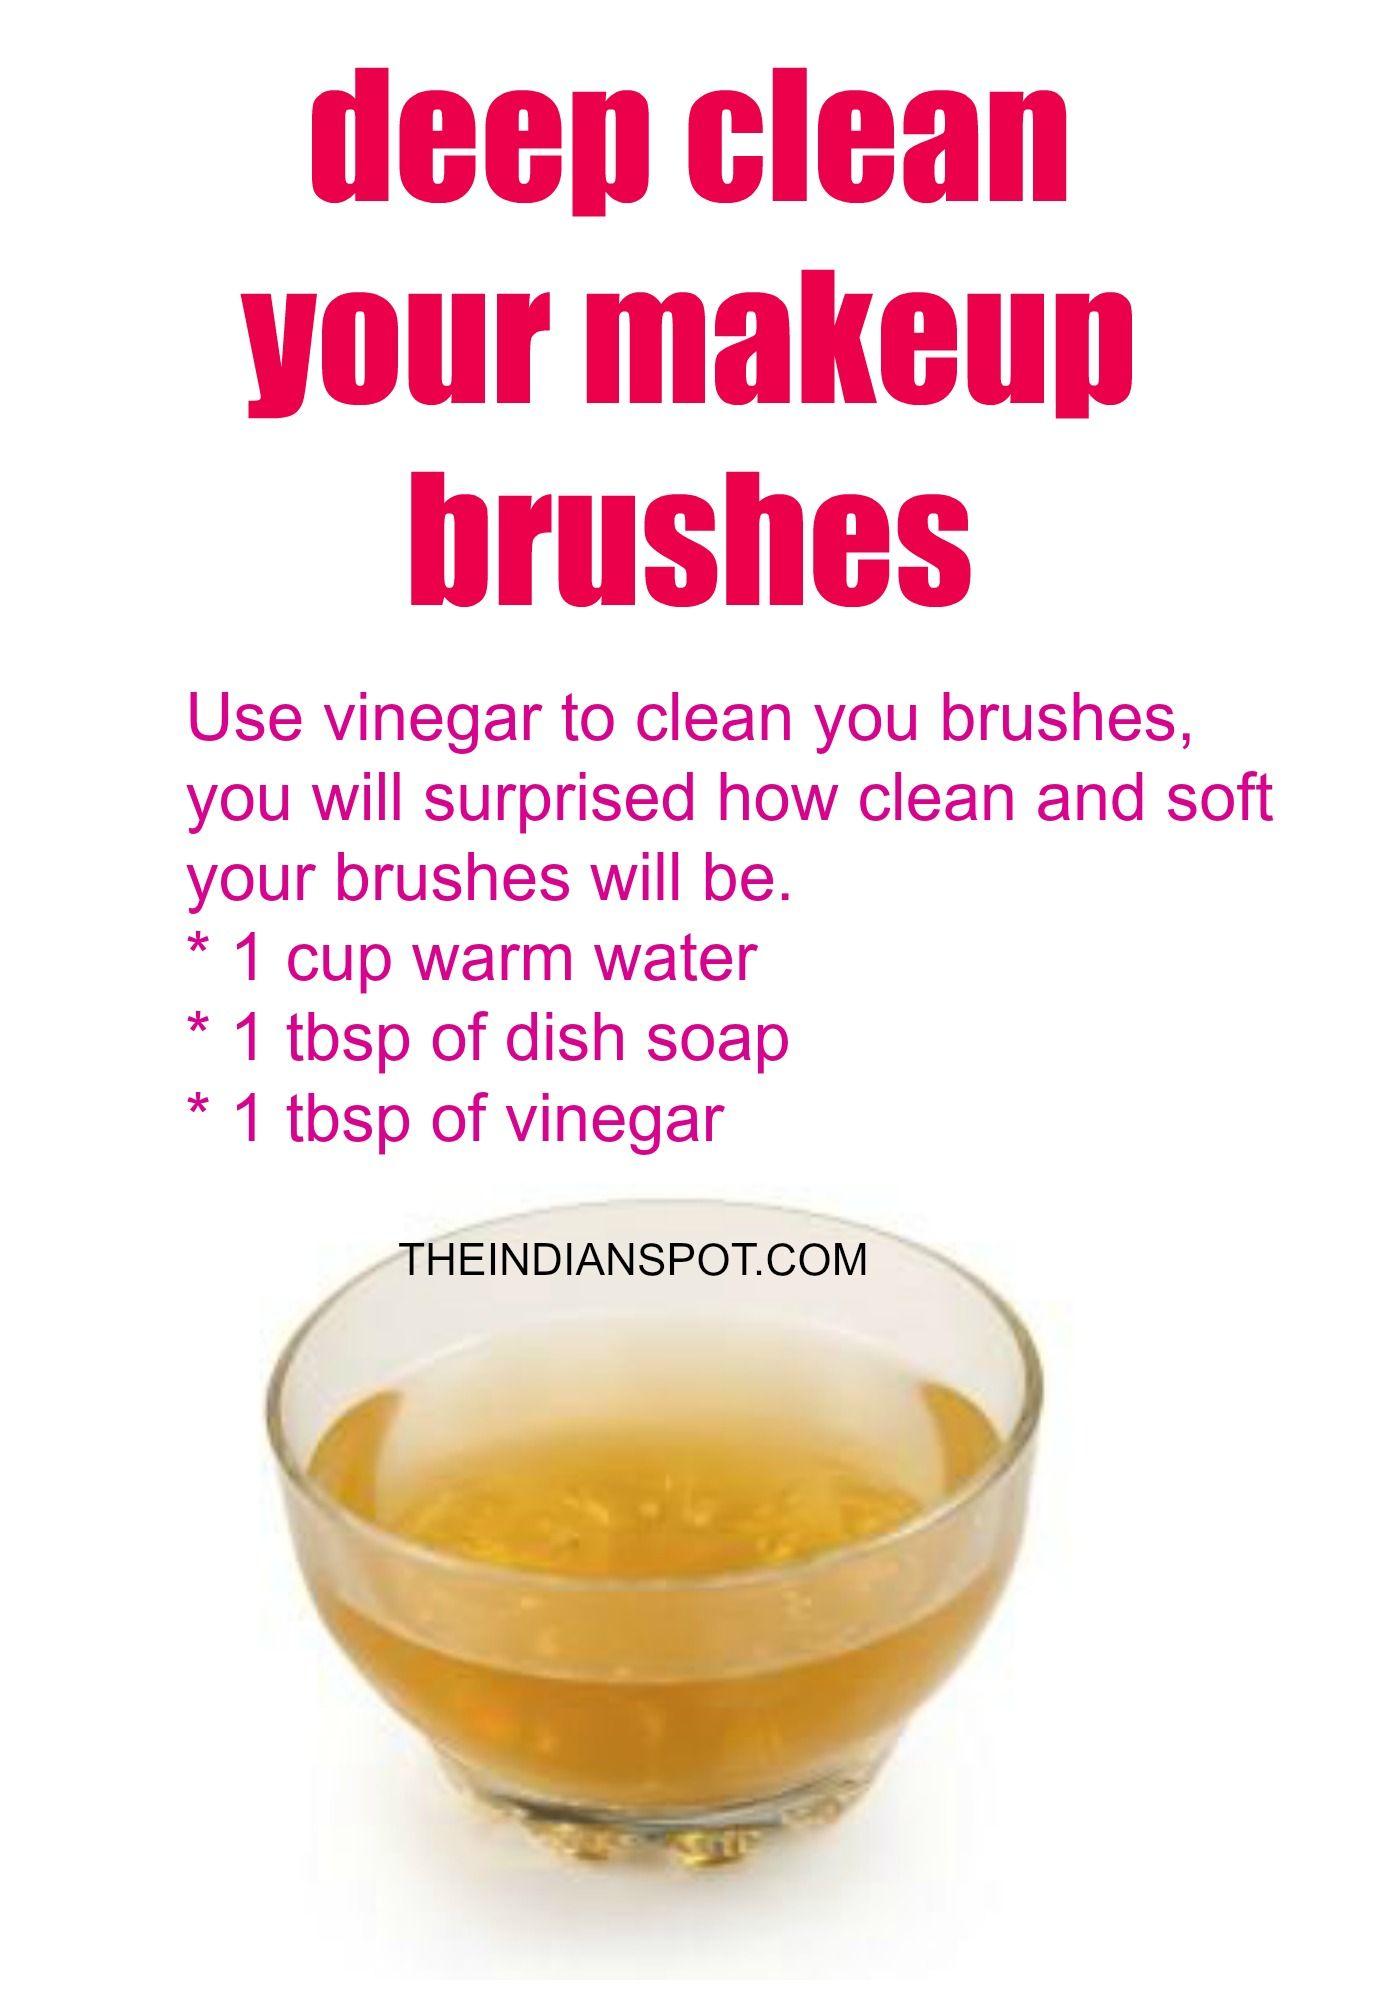 brush cleanser. More